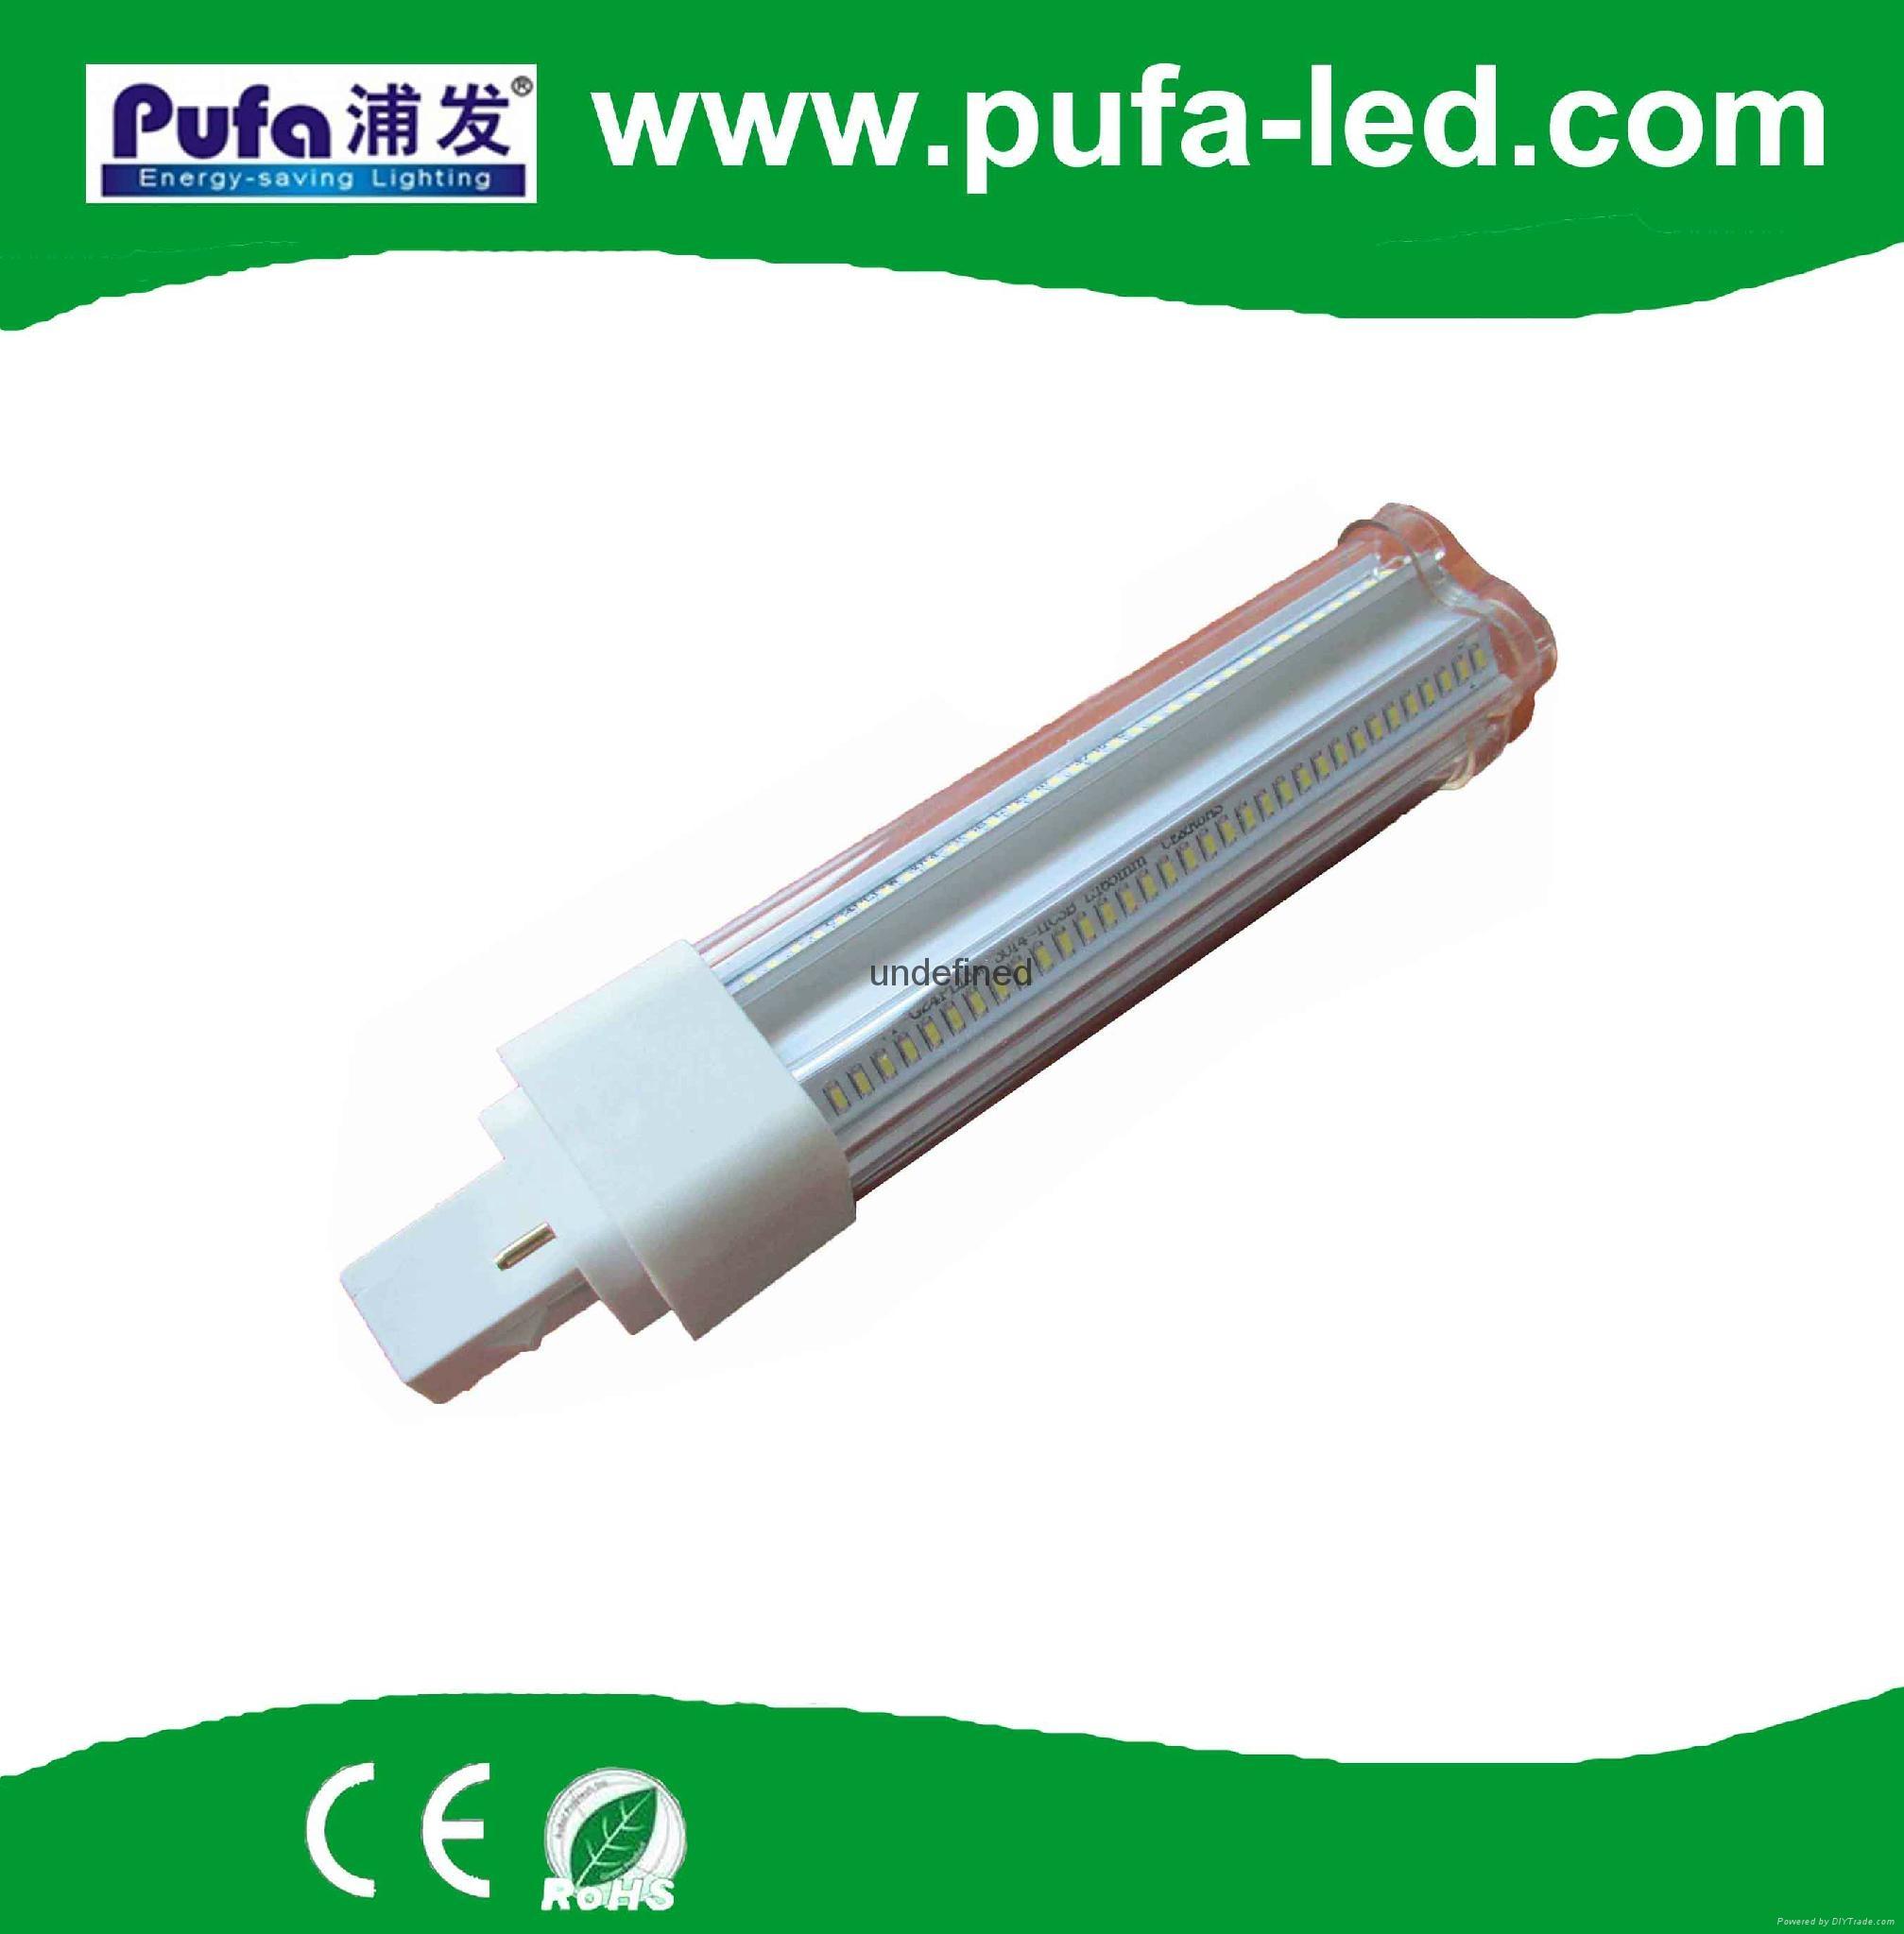 G24 PL LED 插拔灯7W 1